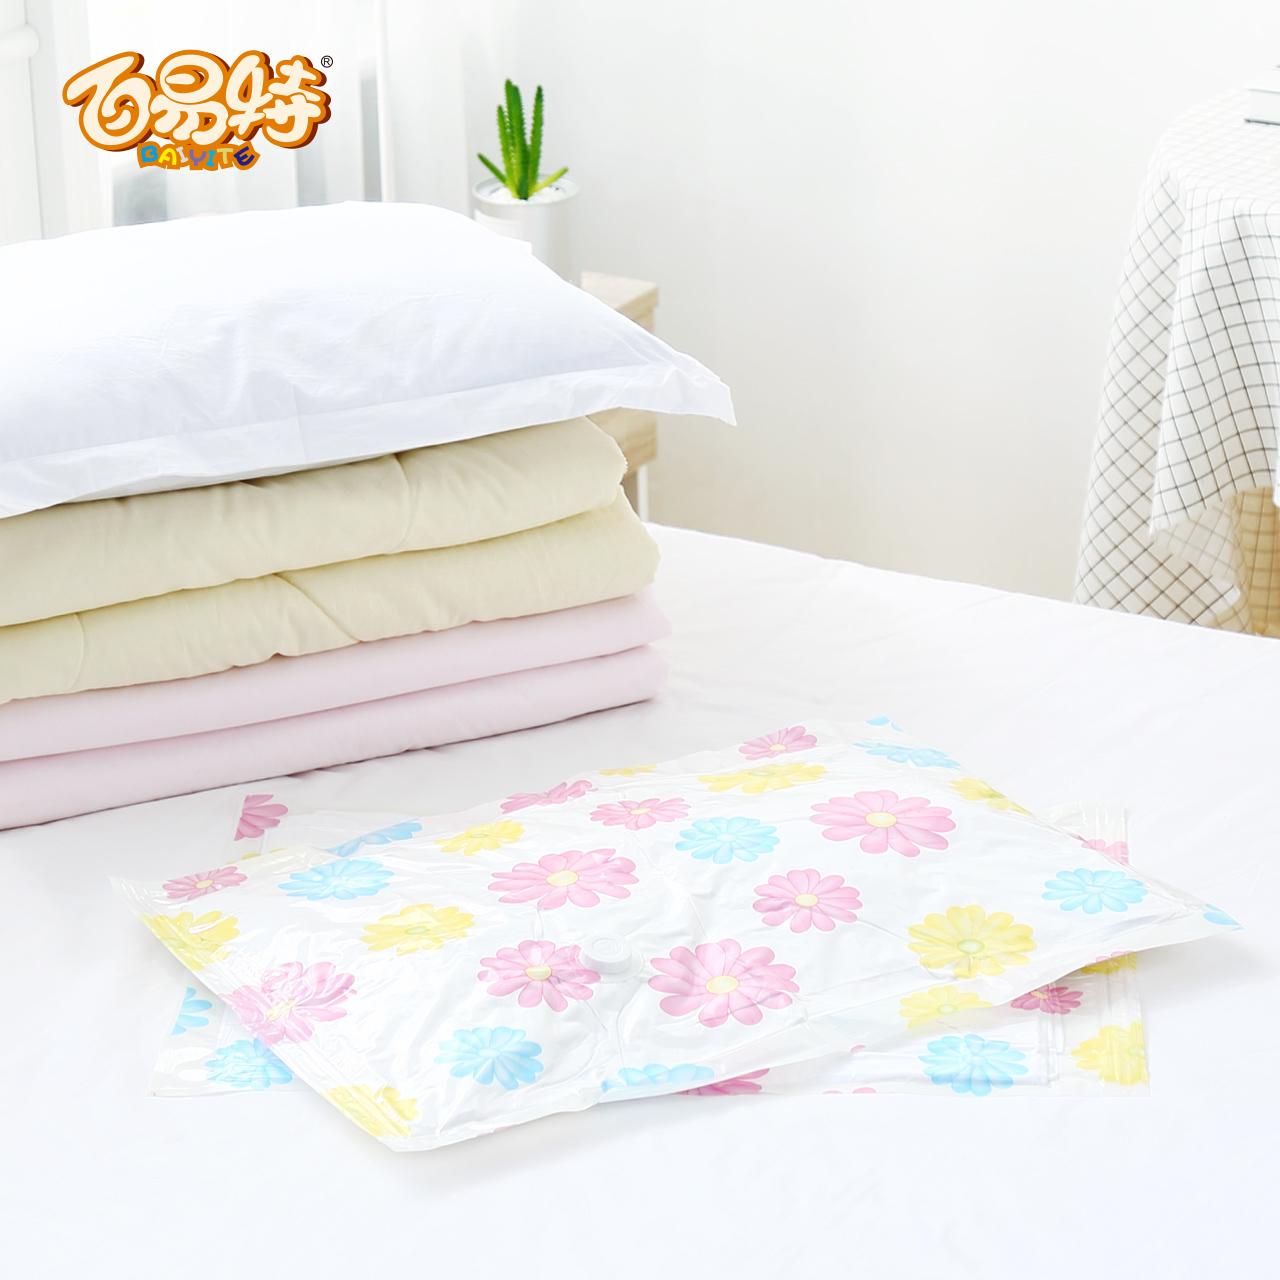 特大号加厚真空压缩袋旅行箱收纳袋8-12斤棉被羽绒丝绵被抽真空袋